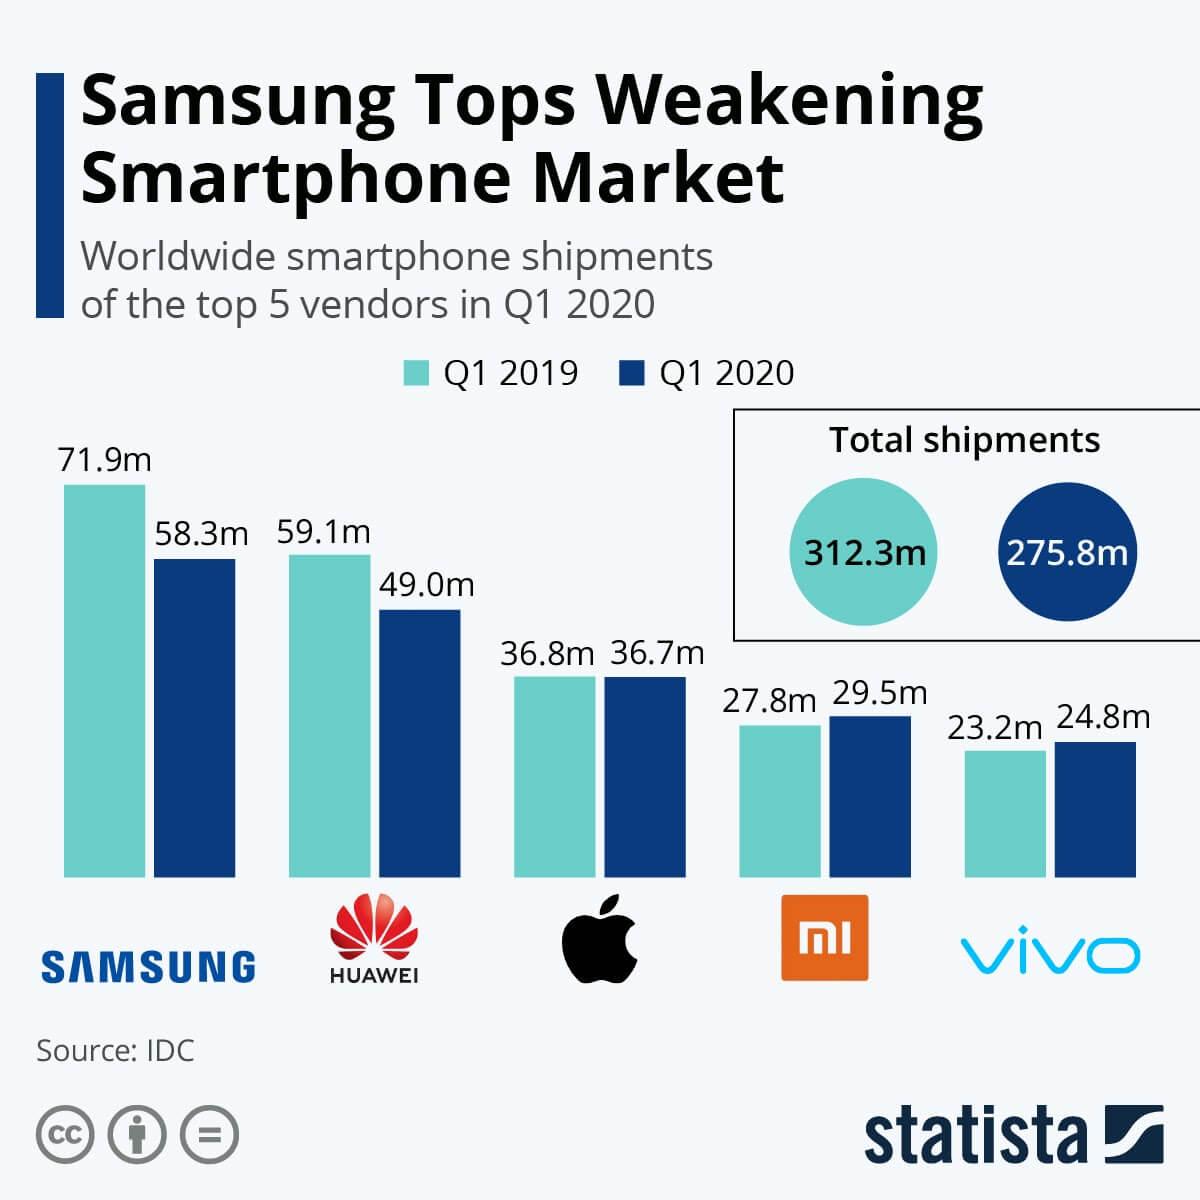 Samsung teases smartphone market